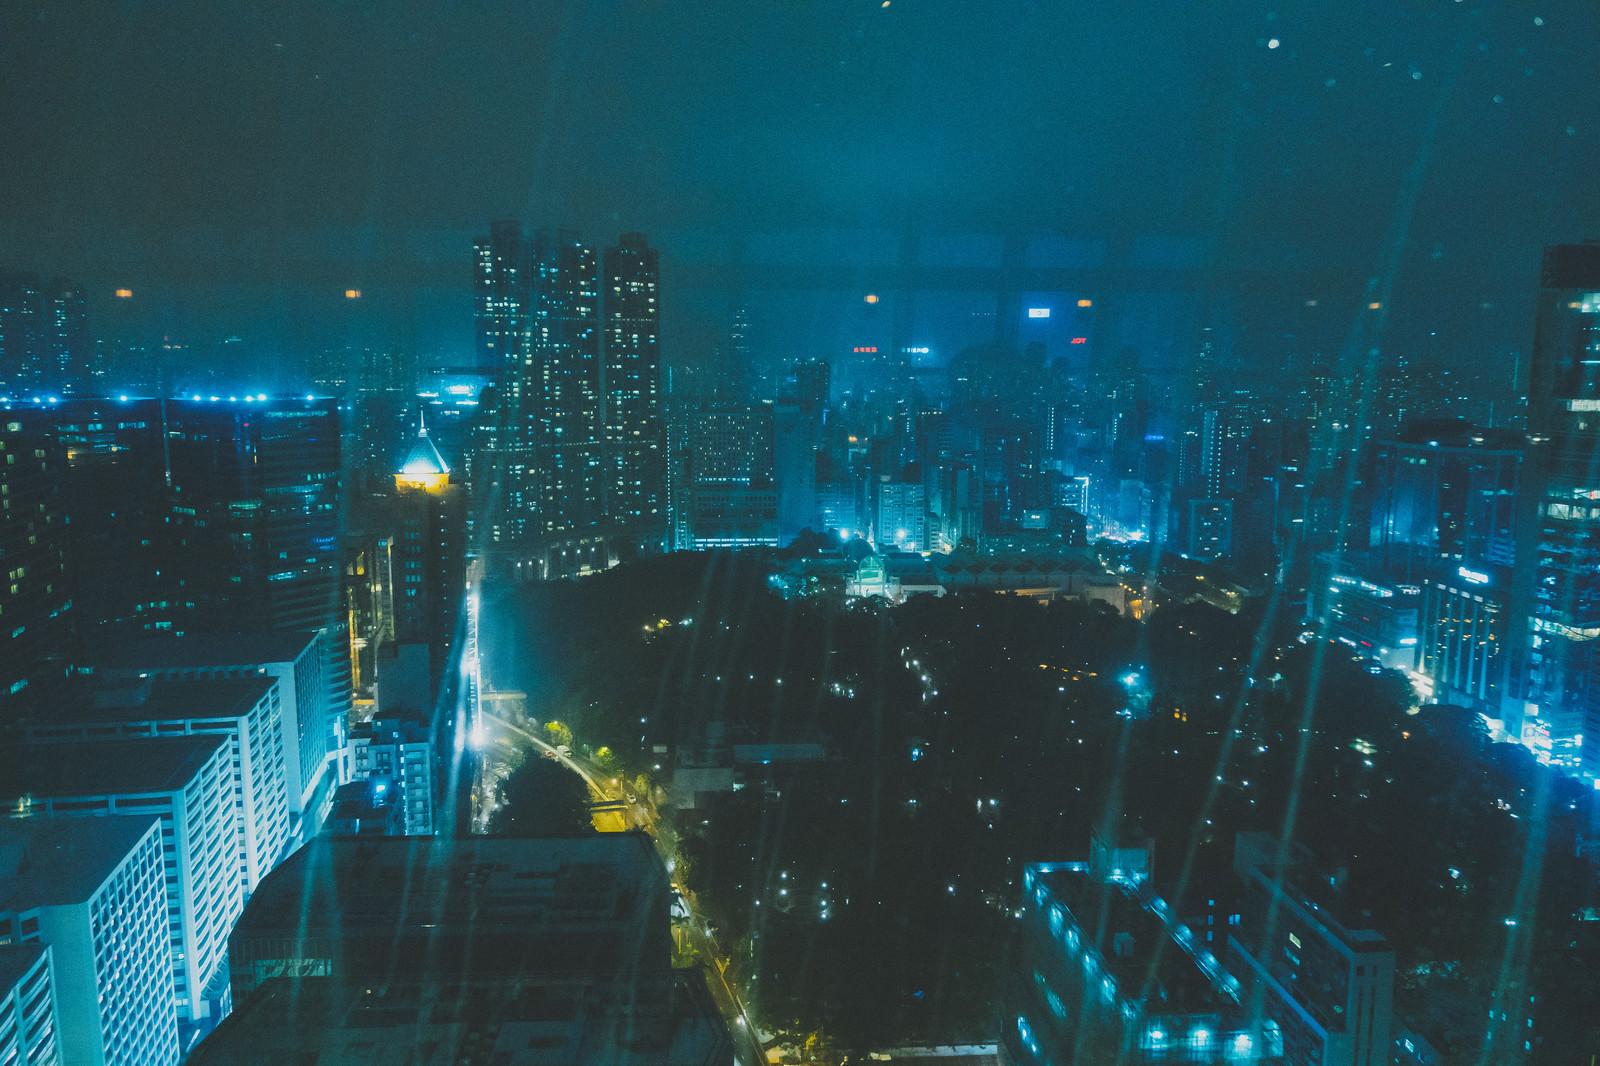 「尖沙咀(チムサーチョイ・HK Tsim Sha Tsui )の夜の雨」の写真